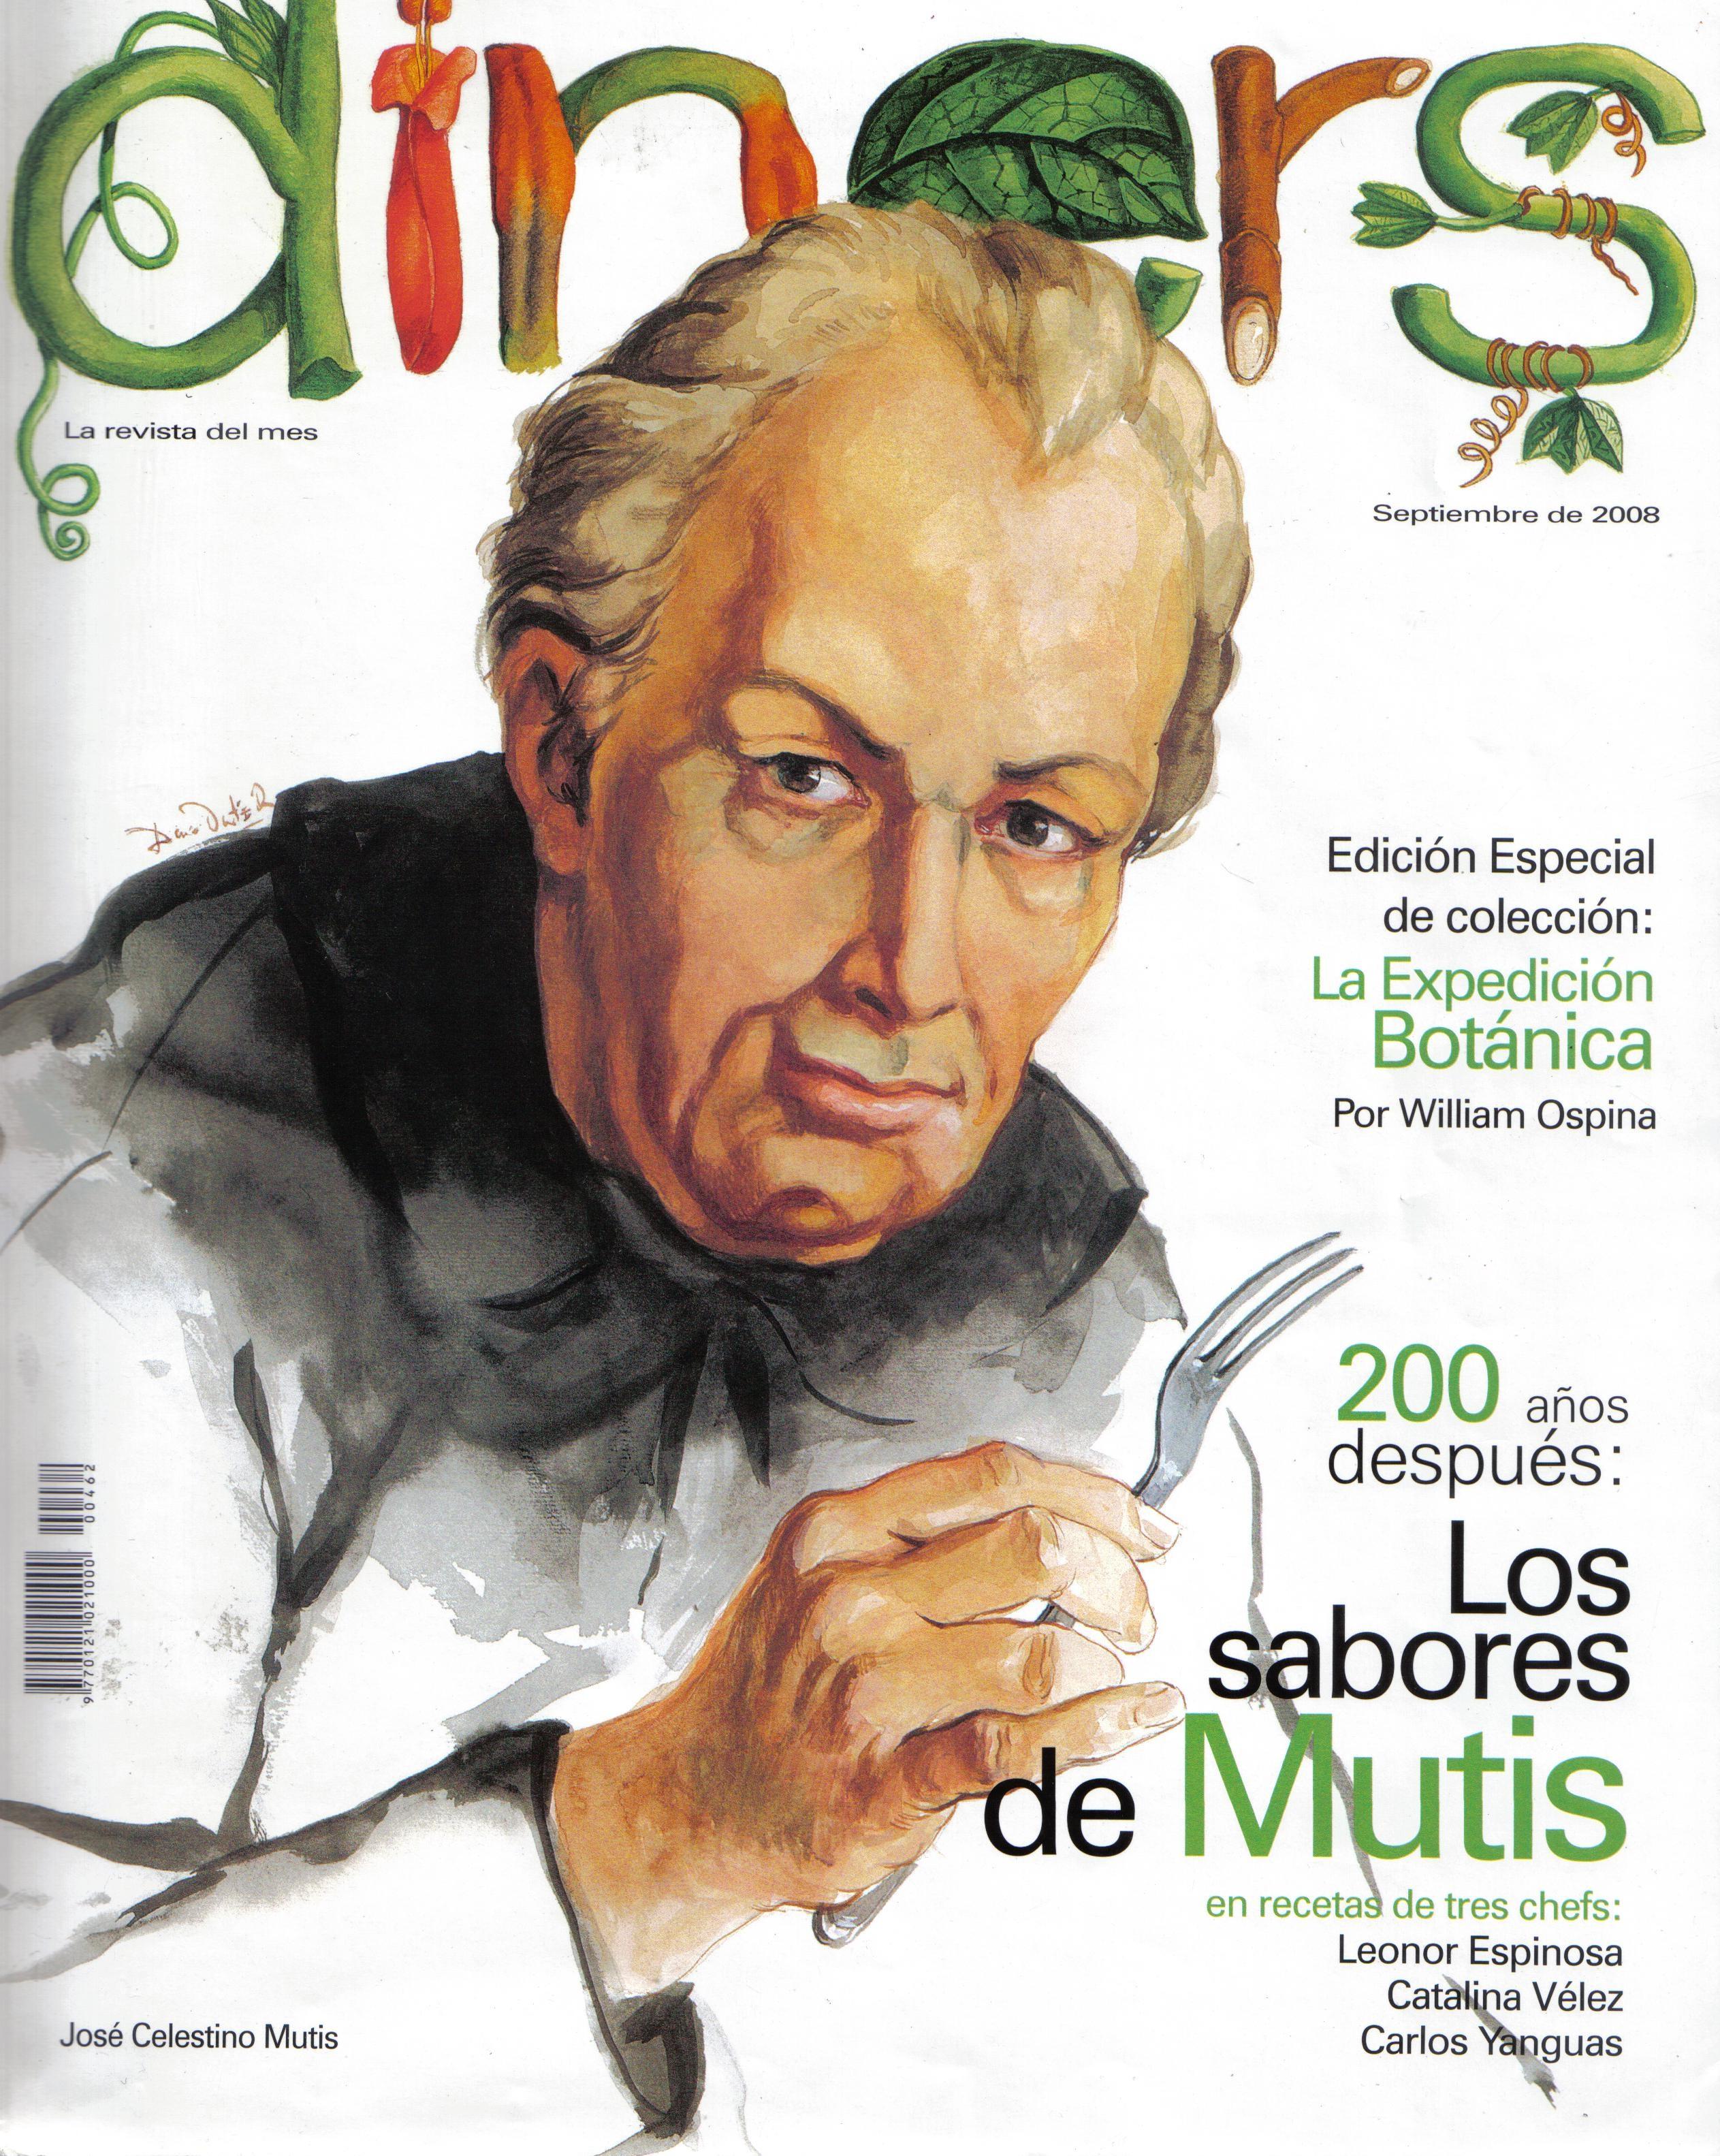 Expediciones botánicas: José Celestino Mutis, de la flora del Nuevo Reino de Granada a la independencia de Colombia.